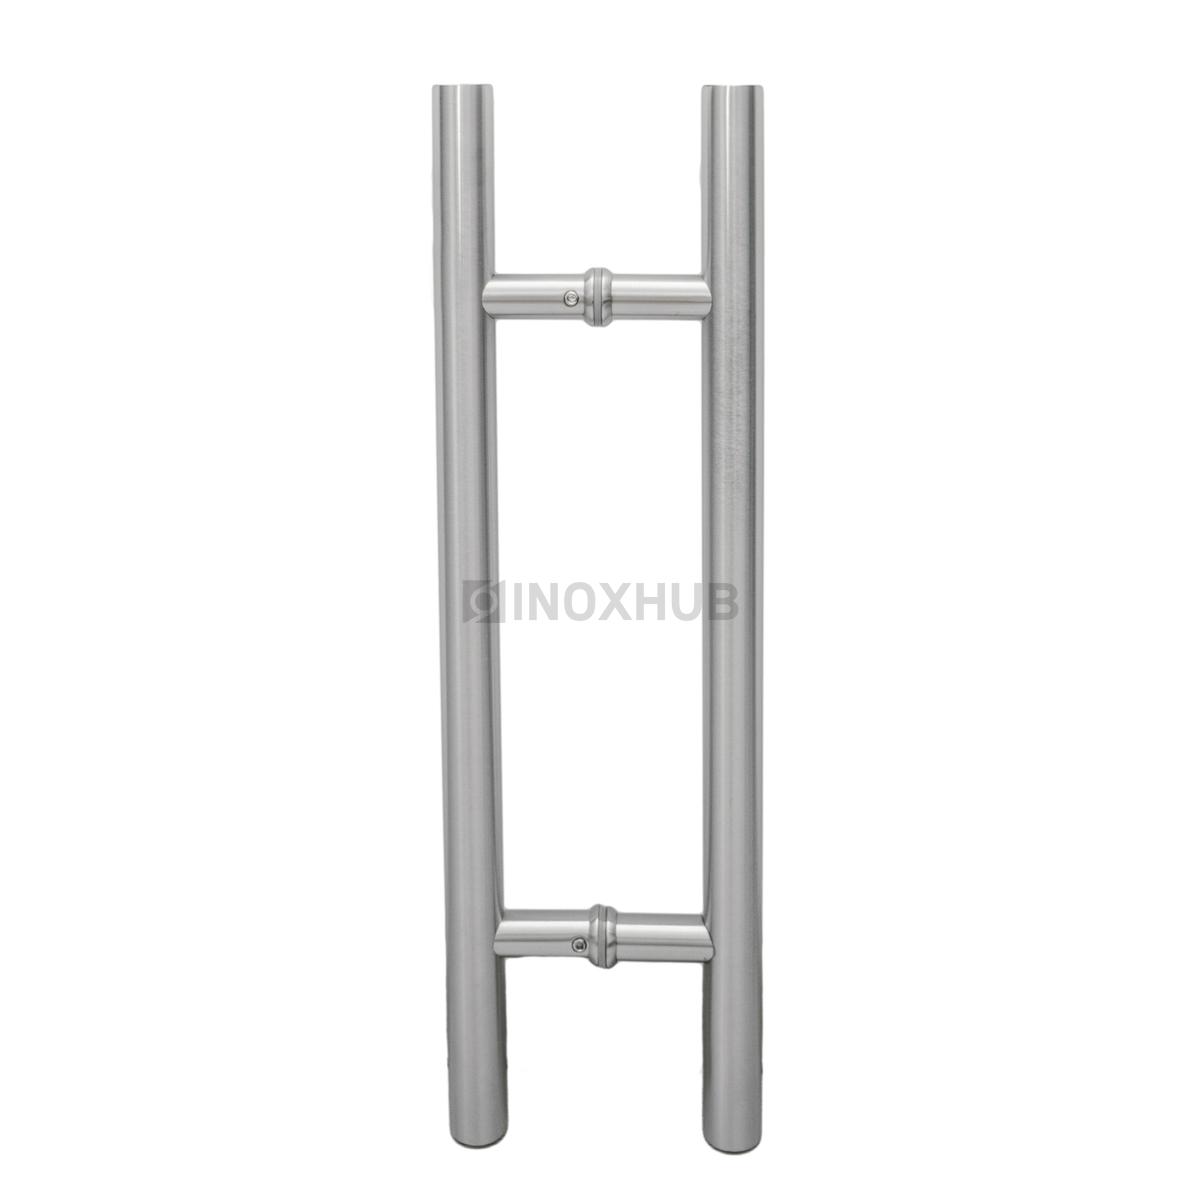 Ручка (633-450 SSS) 25×275×450 мм, стекло 8-12 мм, нерж. сталь матовая